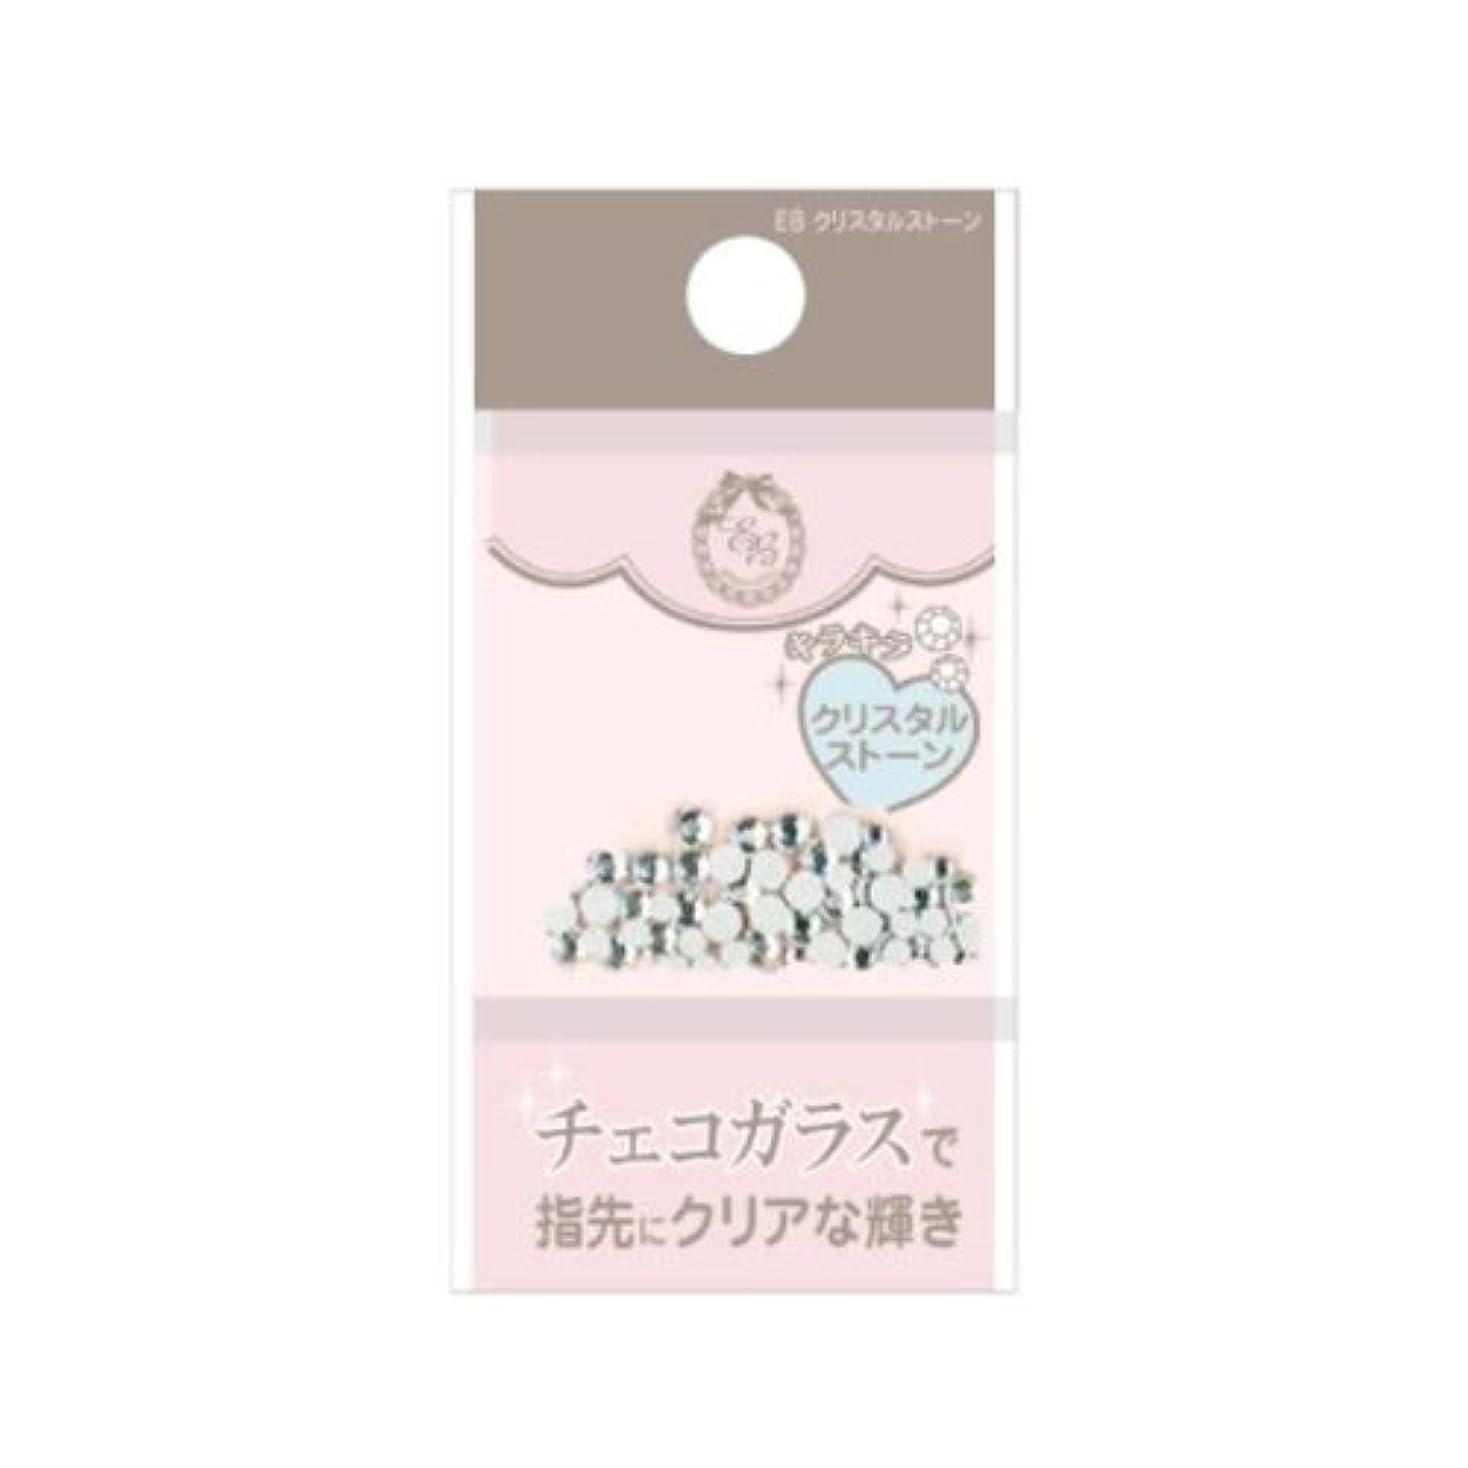 戻る食い違い書誌EB クリスタルストーン oku-02